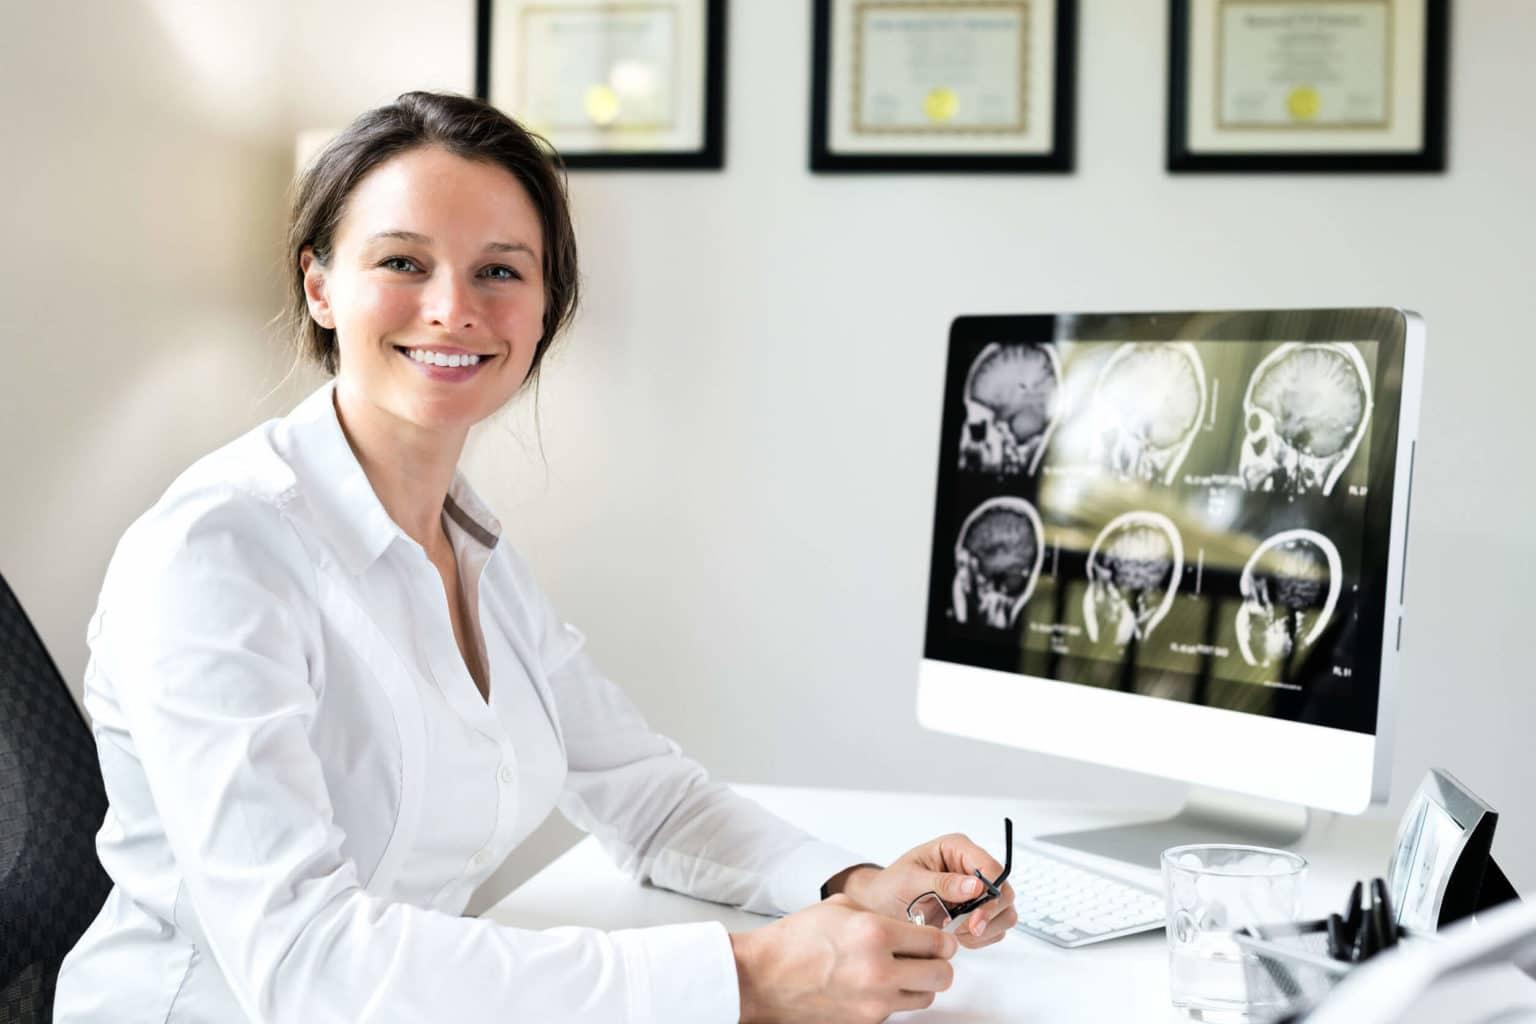 Professionelle Website für Ärzte und Praxen